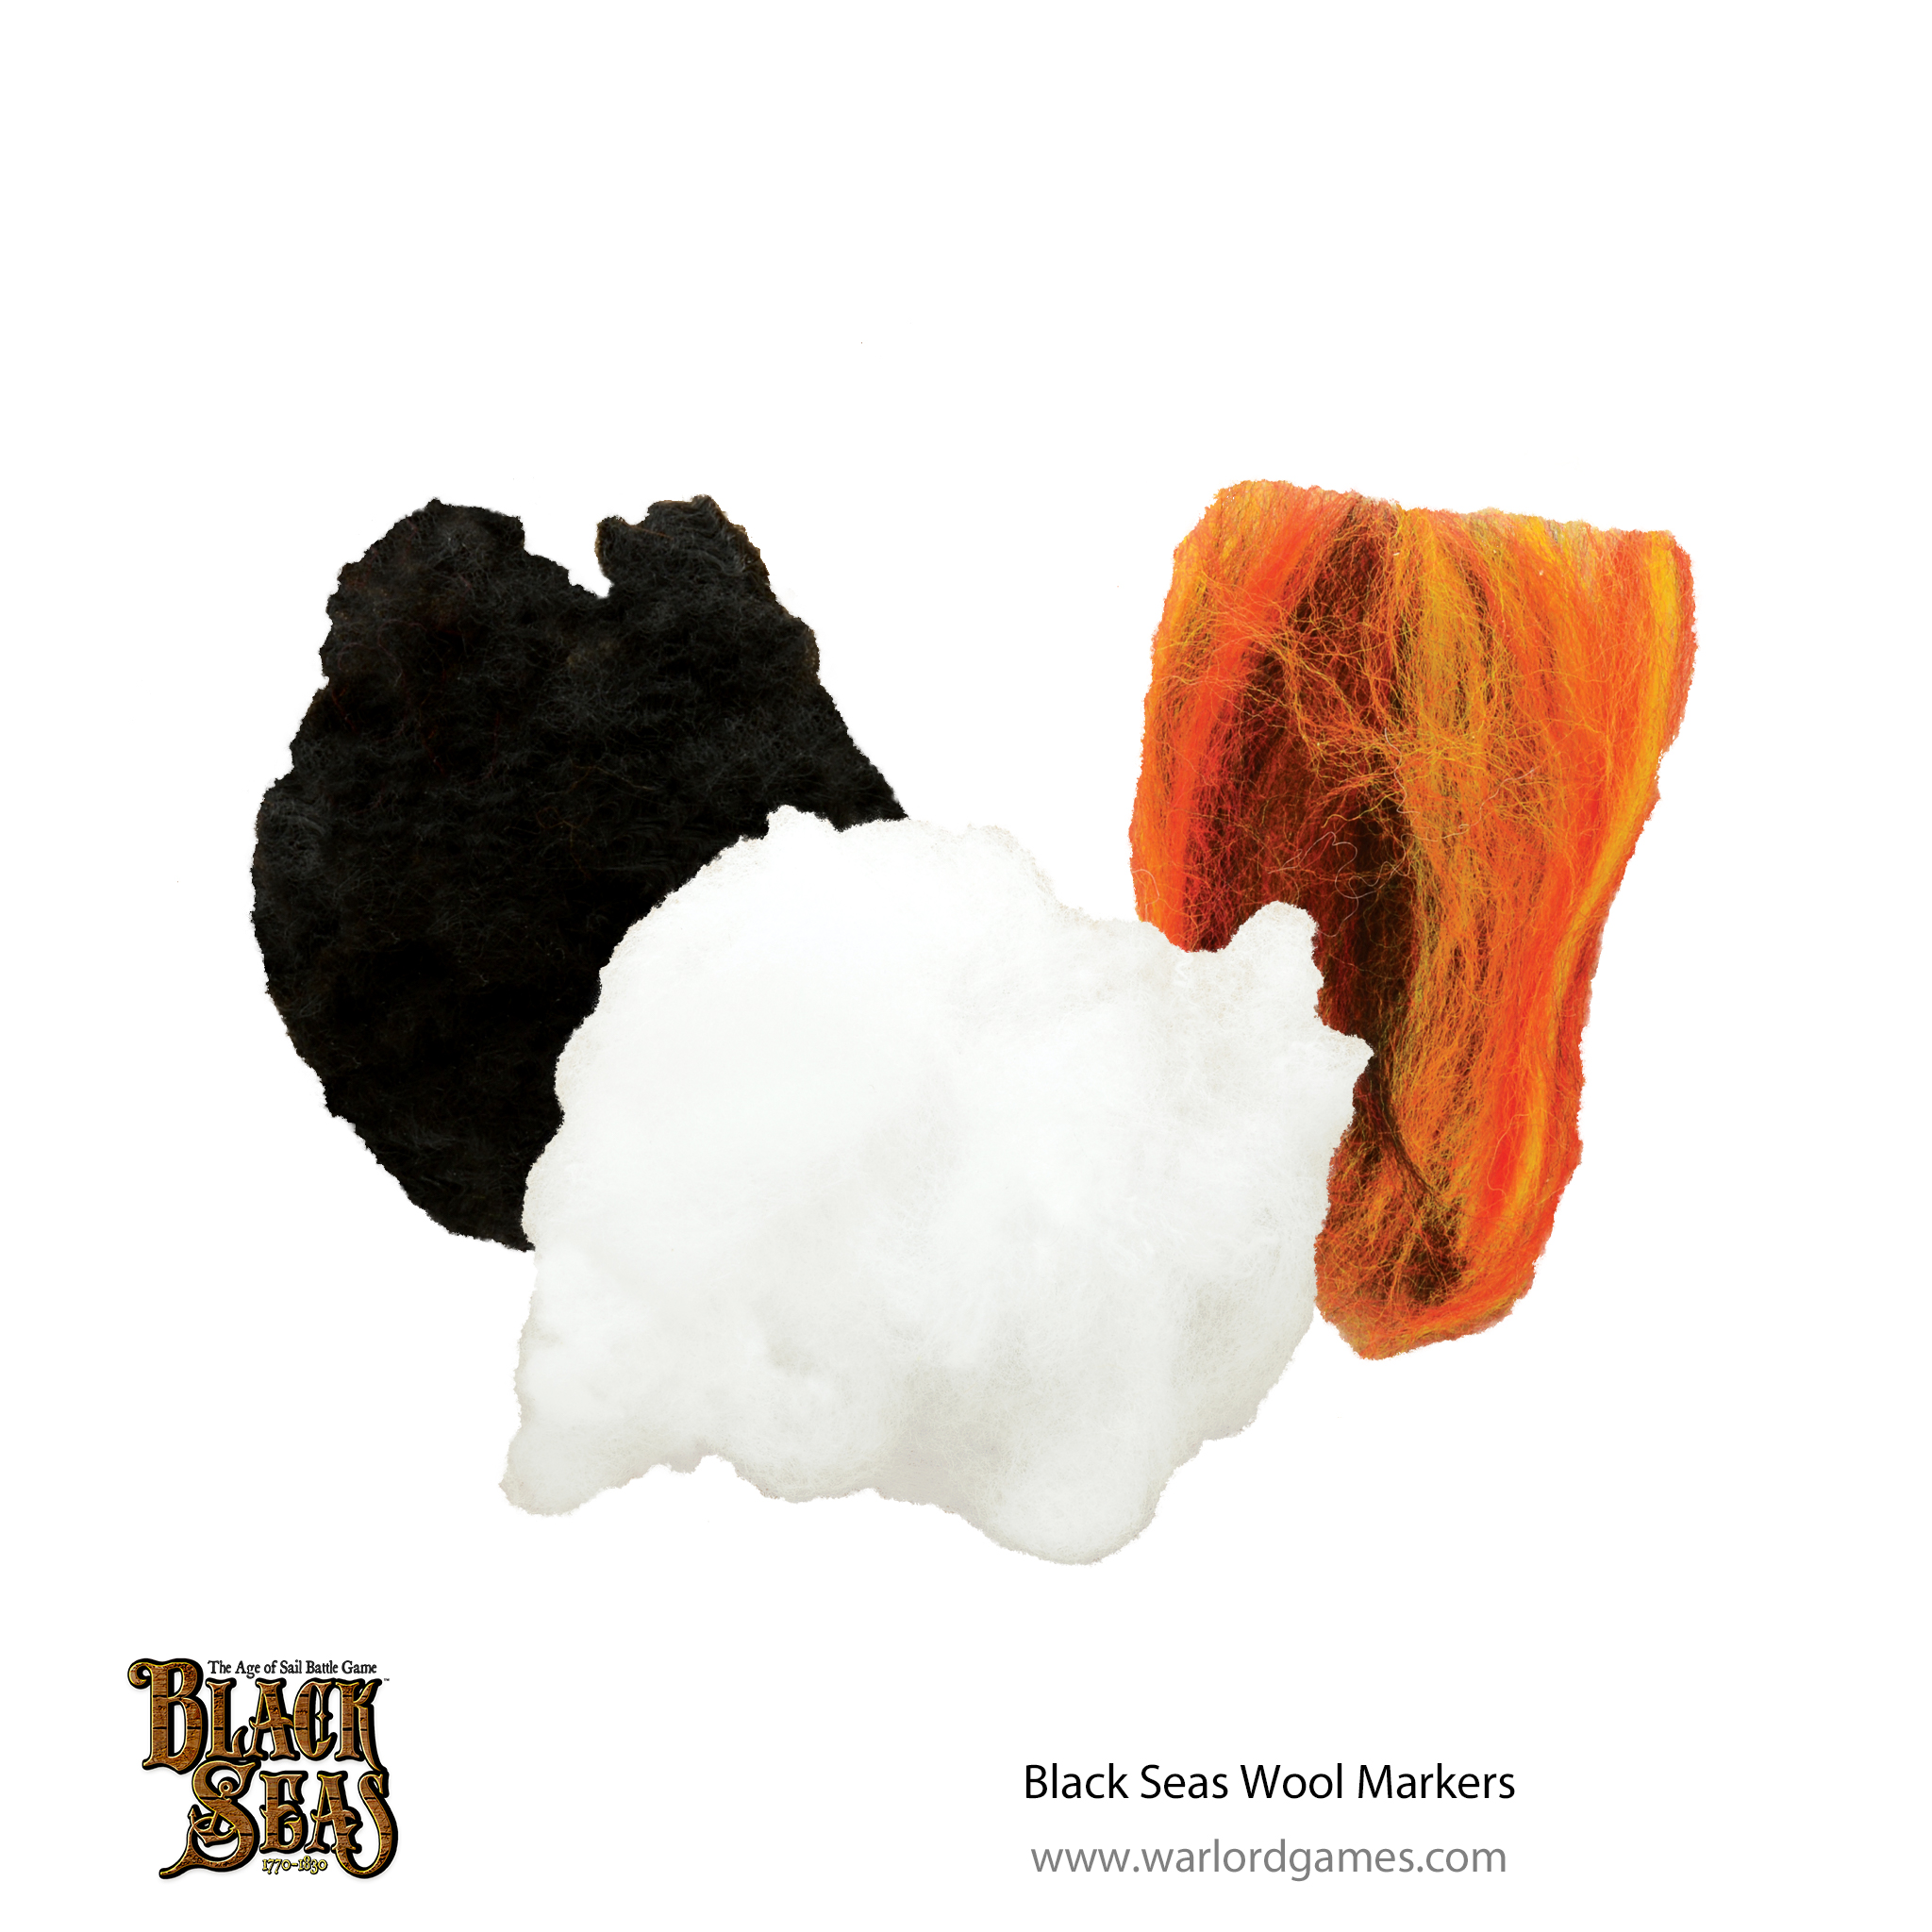 Black Seas Wool Markers